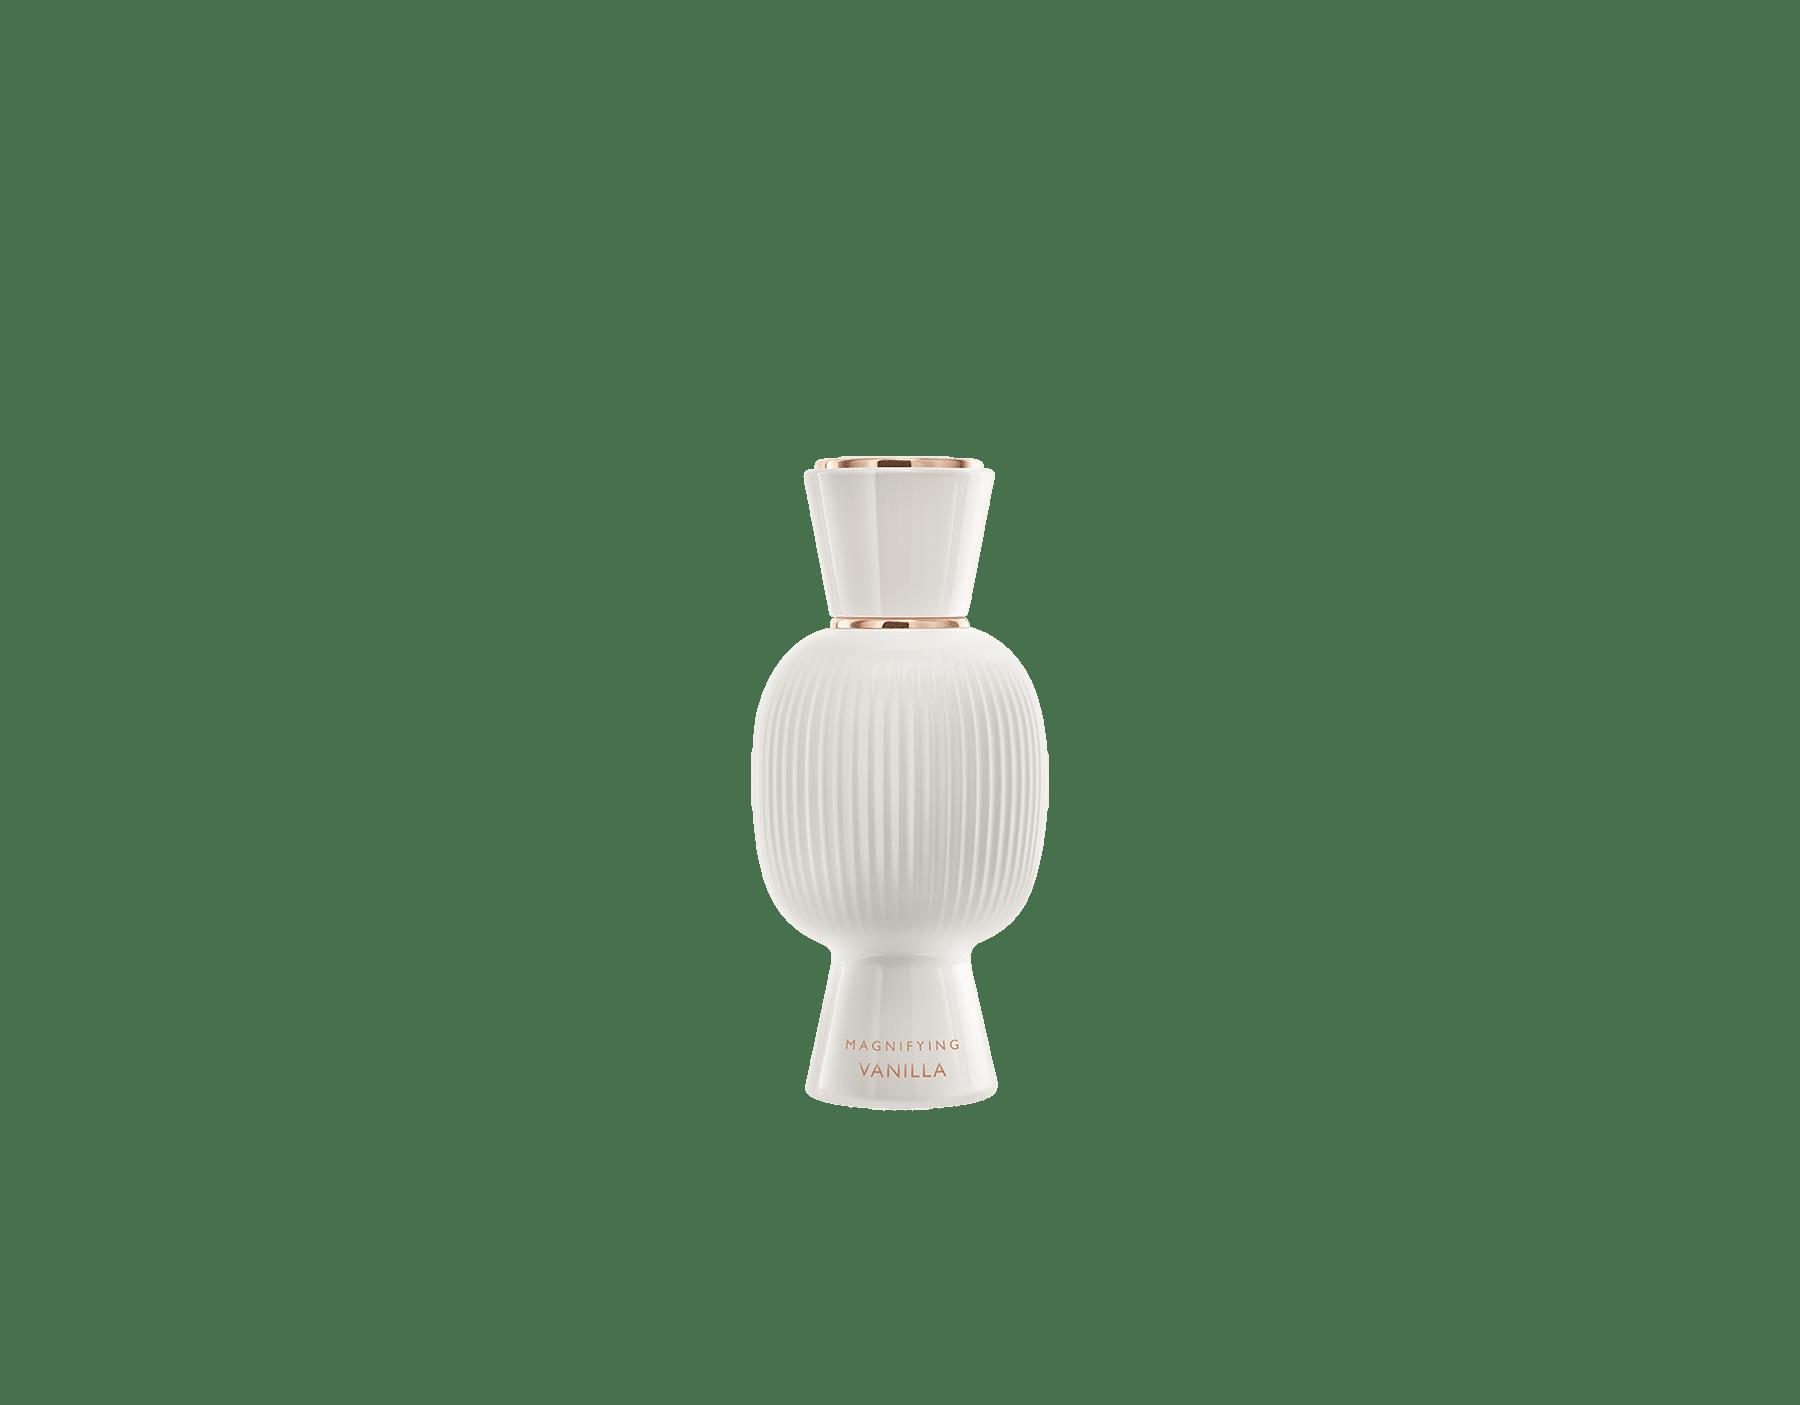 Эксклюзивный парфюмерный набор, вам под стать – такой же смелый и уникальный. В сочетании пьянящих цветочных нот парфюмерной воды Rock'n'Rome Allegra и соблазнительного благоухания эссенции Magnifying Vanilla рождается неотразимый женский аромат с индивидуальным характером.  Perfume-Set-Rock-n-Rome-Eau-de-Parfum-and-Vanilla-Magnifying image 3